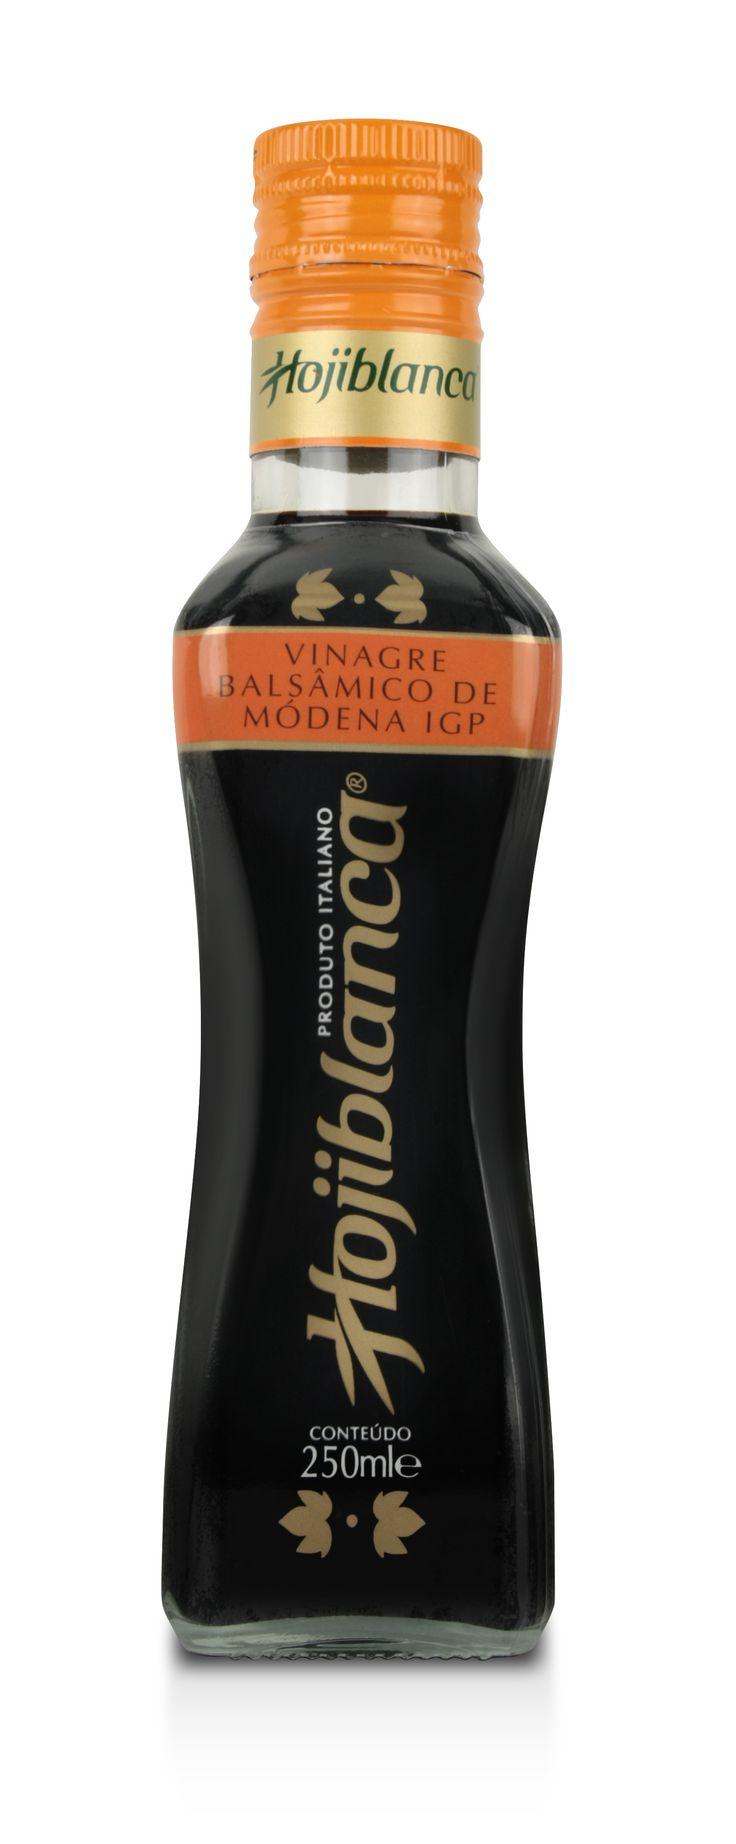 Vinagre Balsâmico de Módena botella dama.